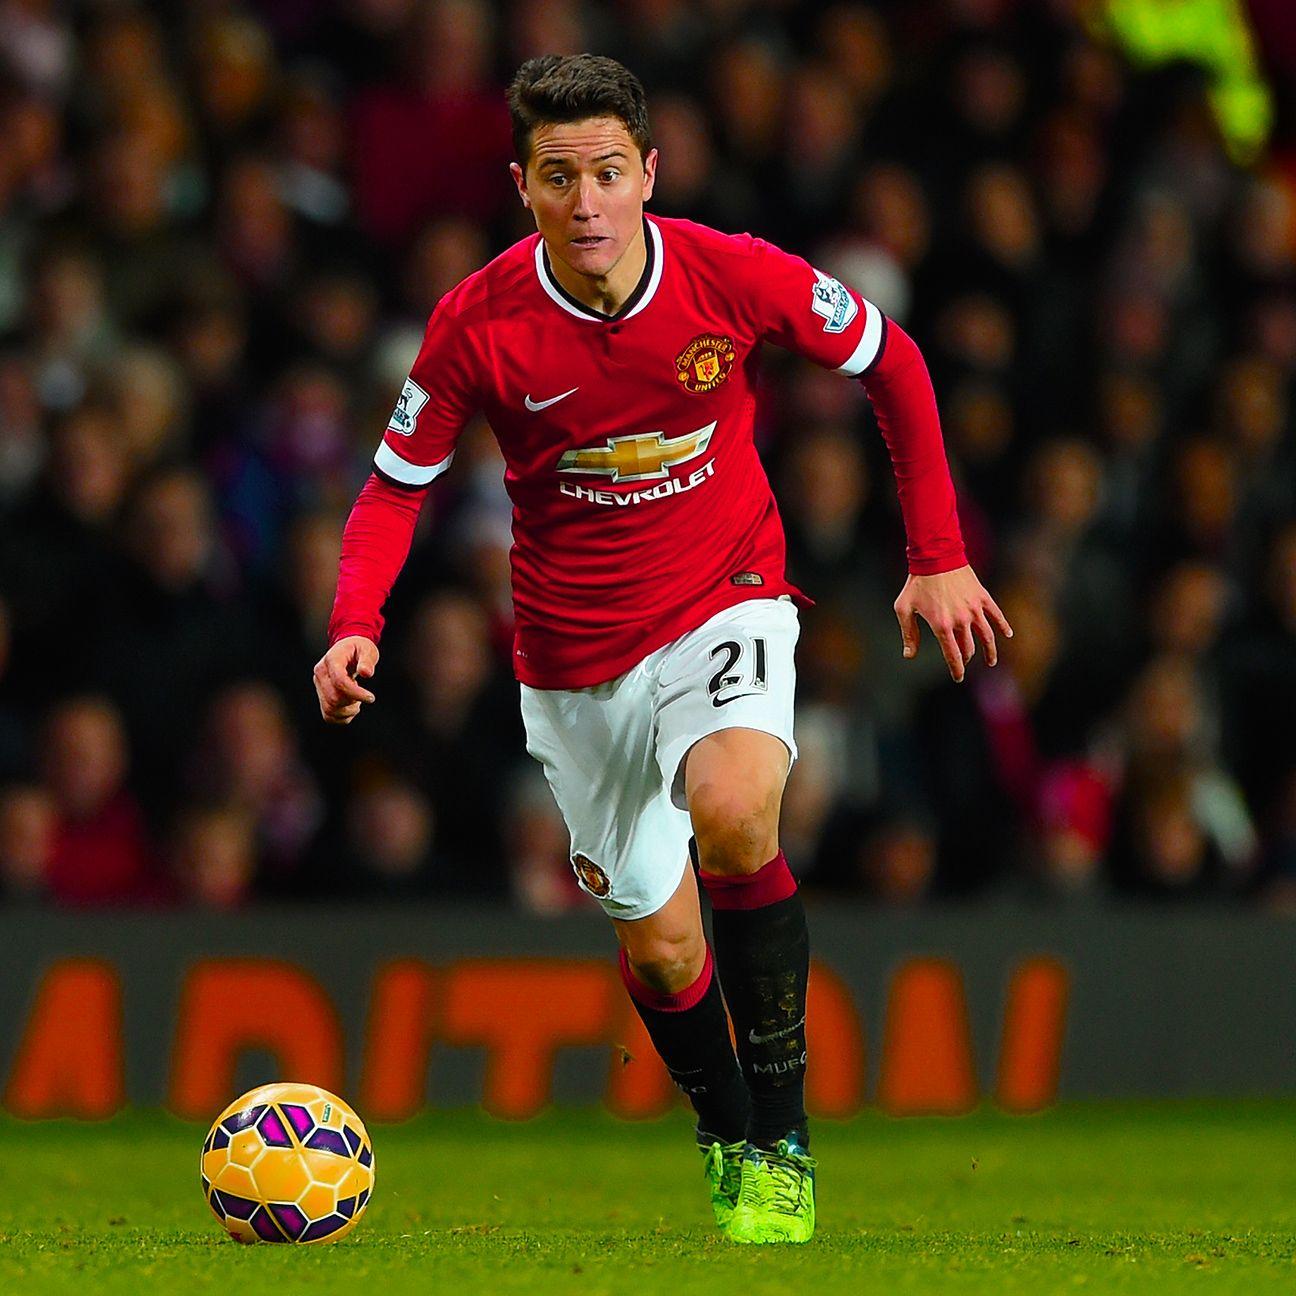 Manchester United's Ander Herrera Casualty Of Van Gaal's